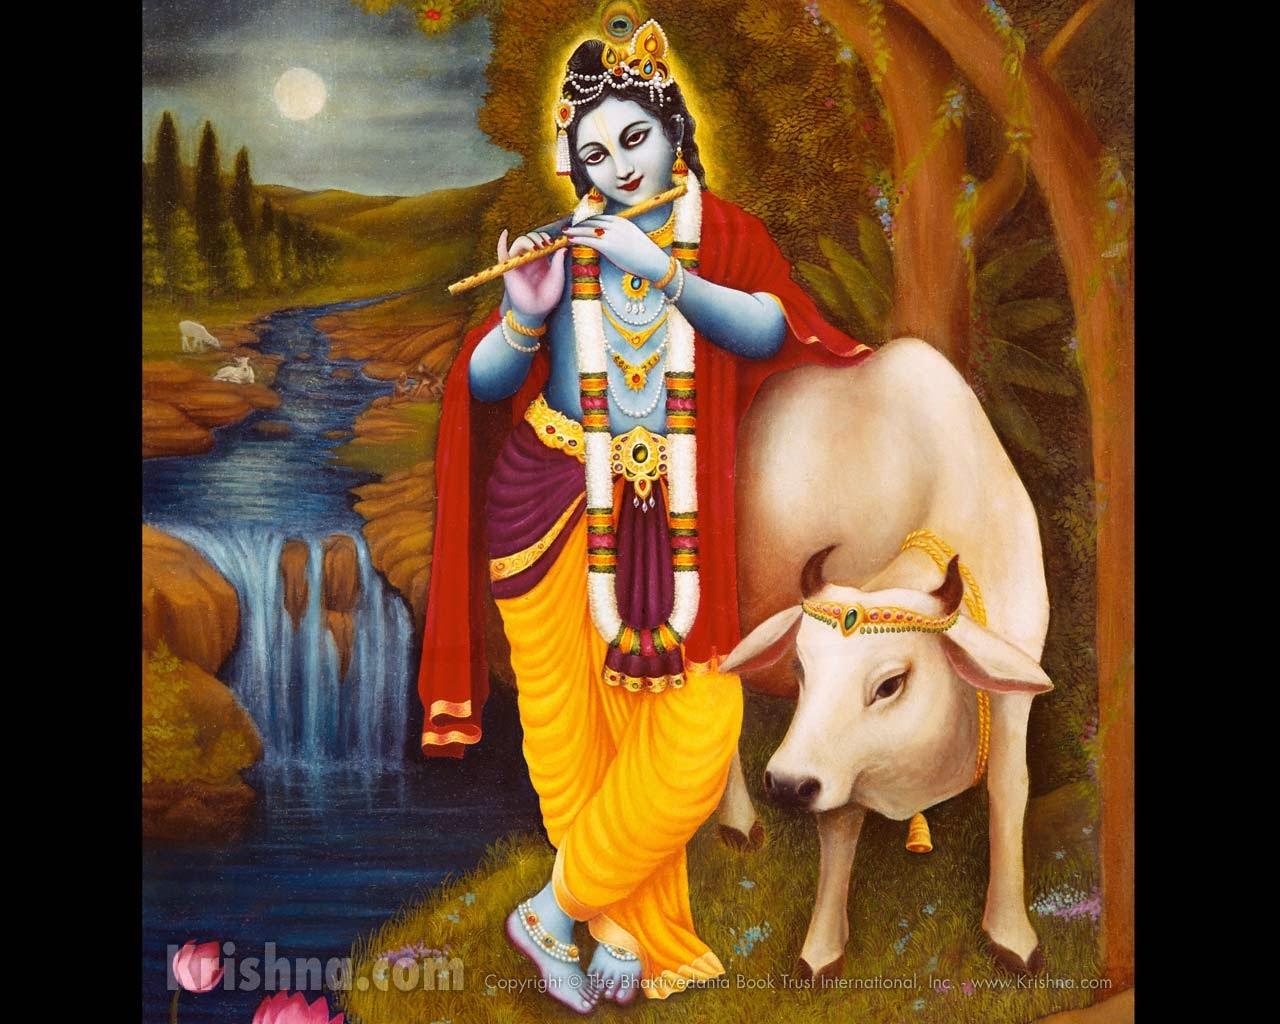 Jai Shri RadheyKrishan ji